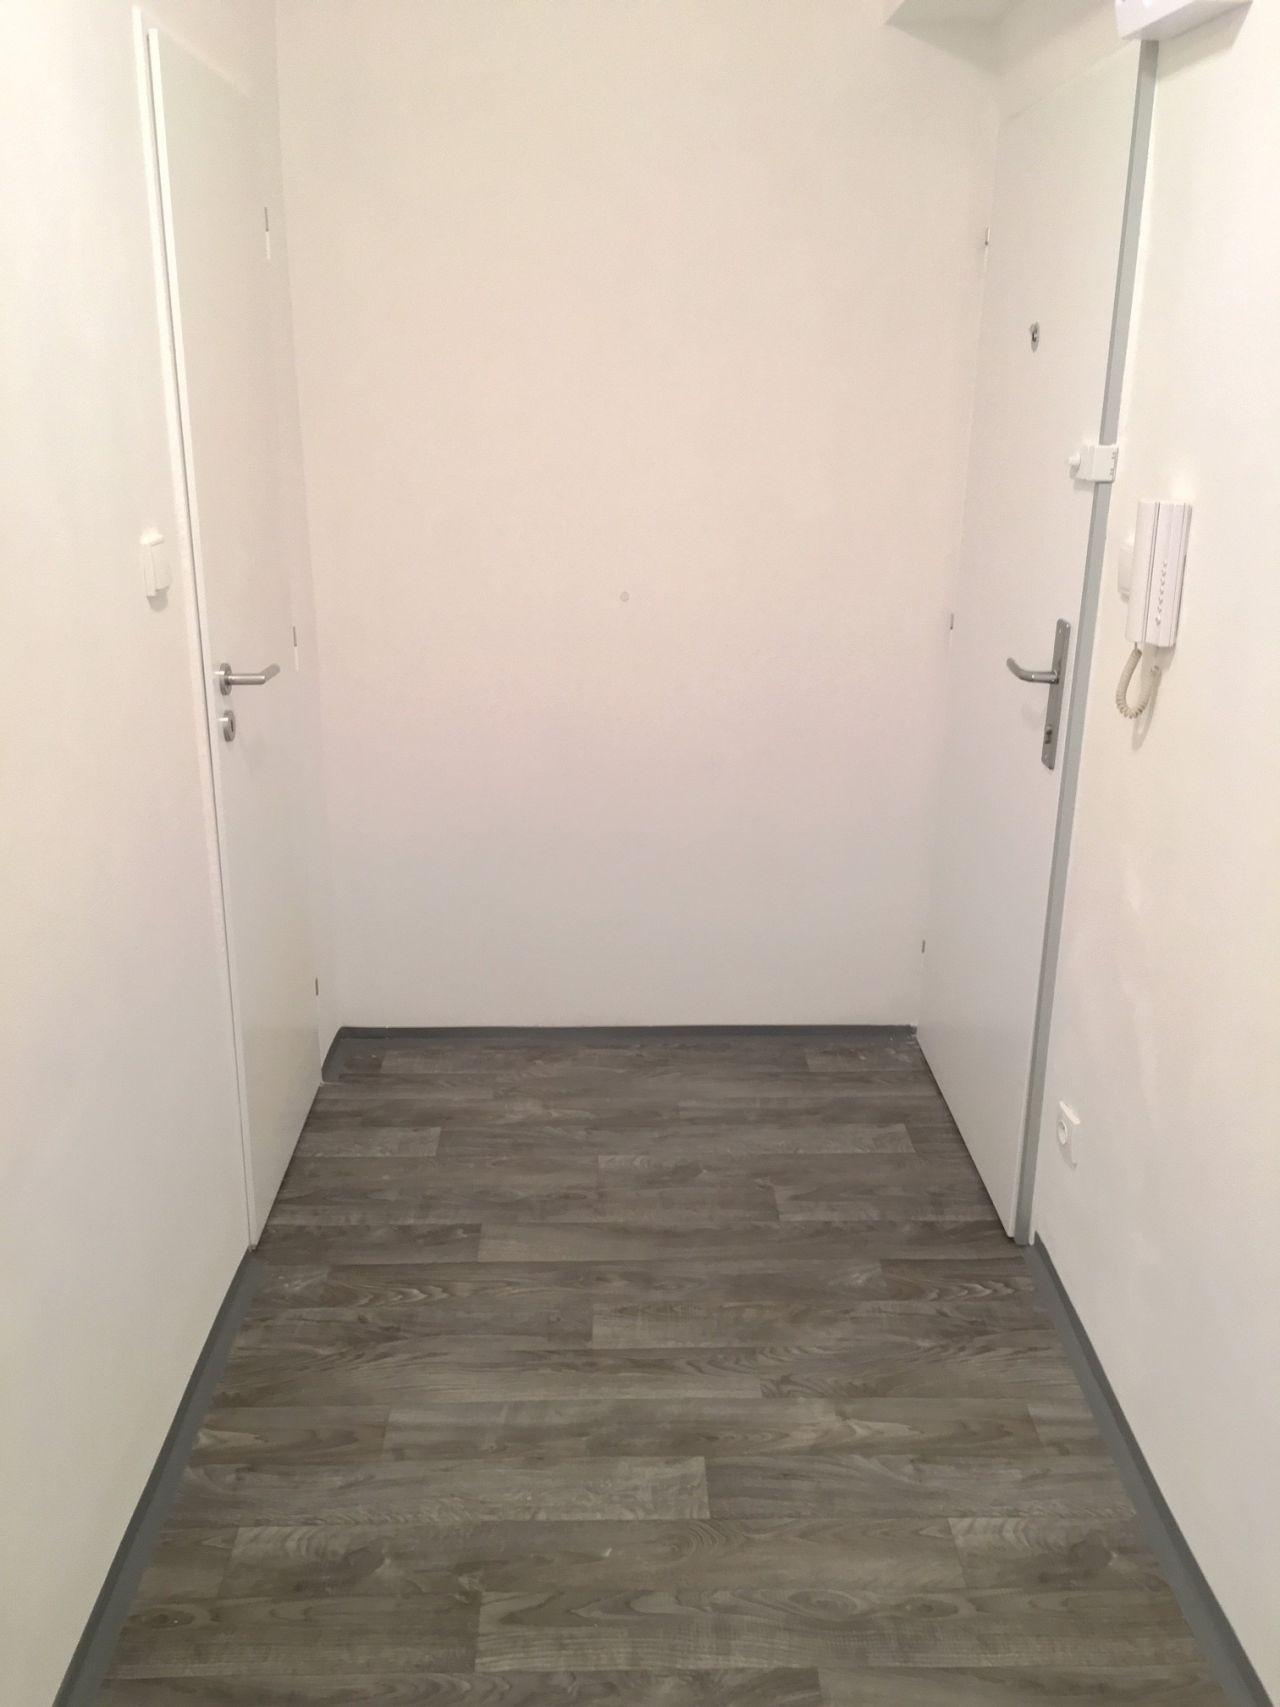 Pronájem bytu 1+1 38 m2, ul. Bohumínská 447/64, Slezská Ostrava